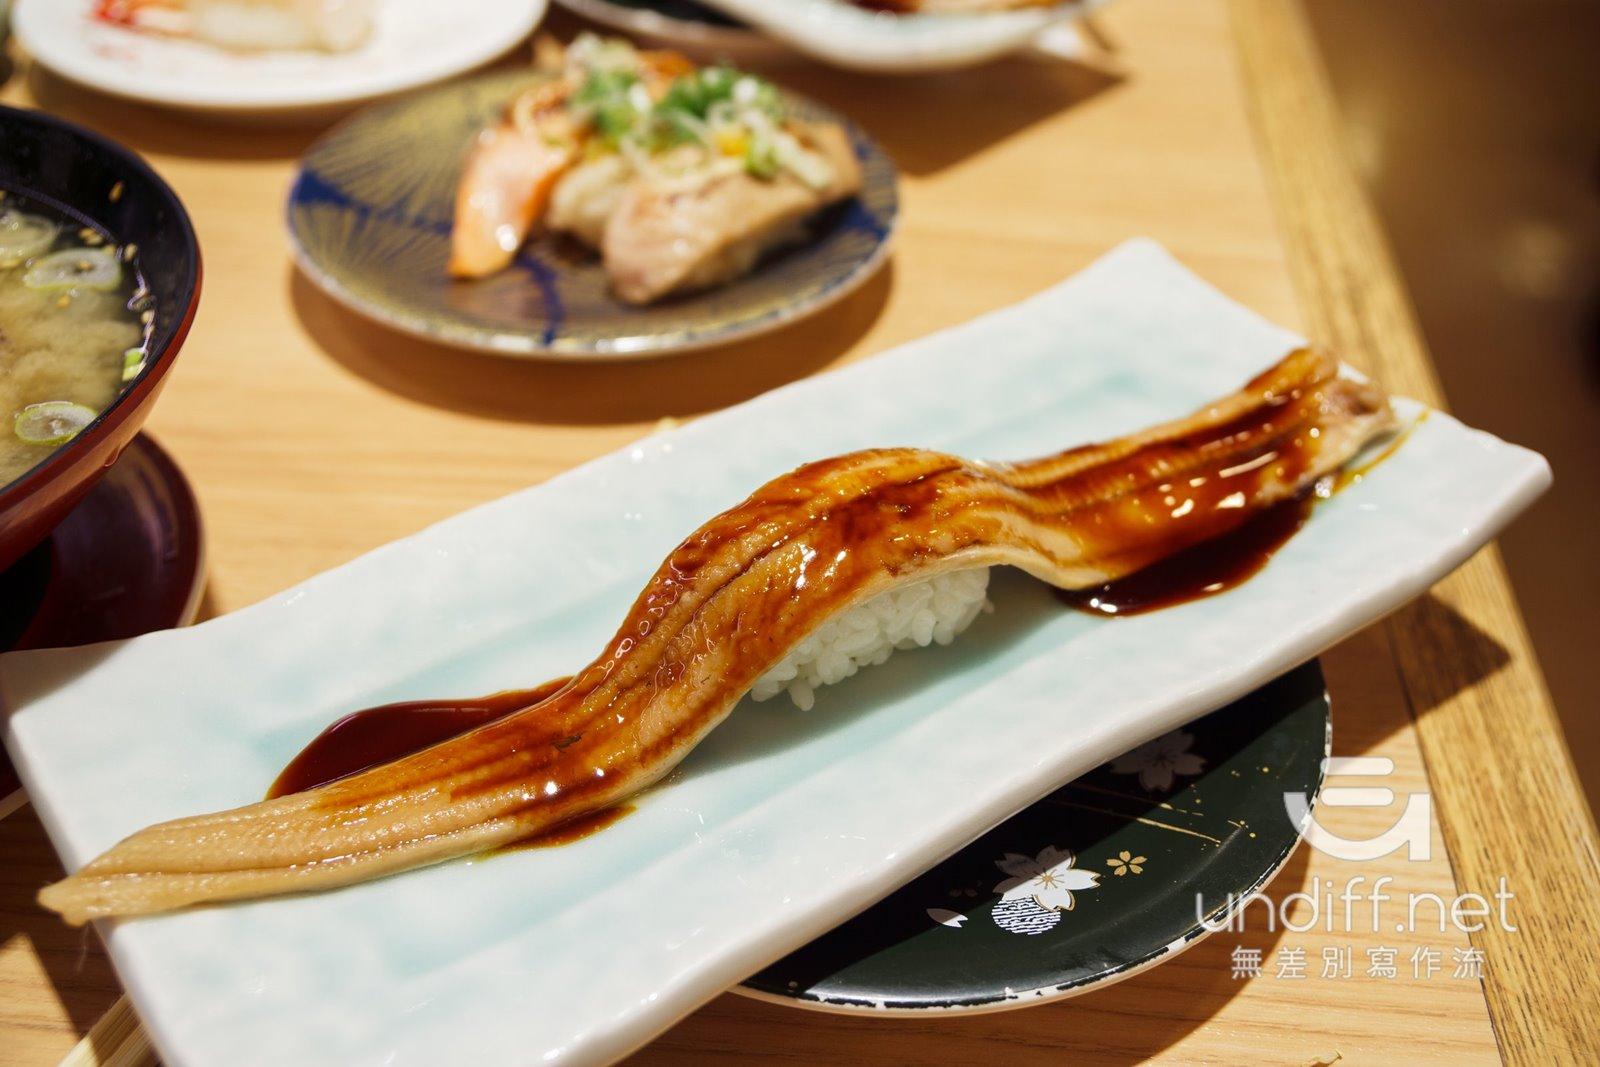 【東京美食】澀谷 回し寿司 活.美登利 西武澀谷店 》超值新鮮又美味的迴轉壽司 52